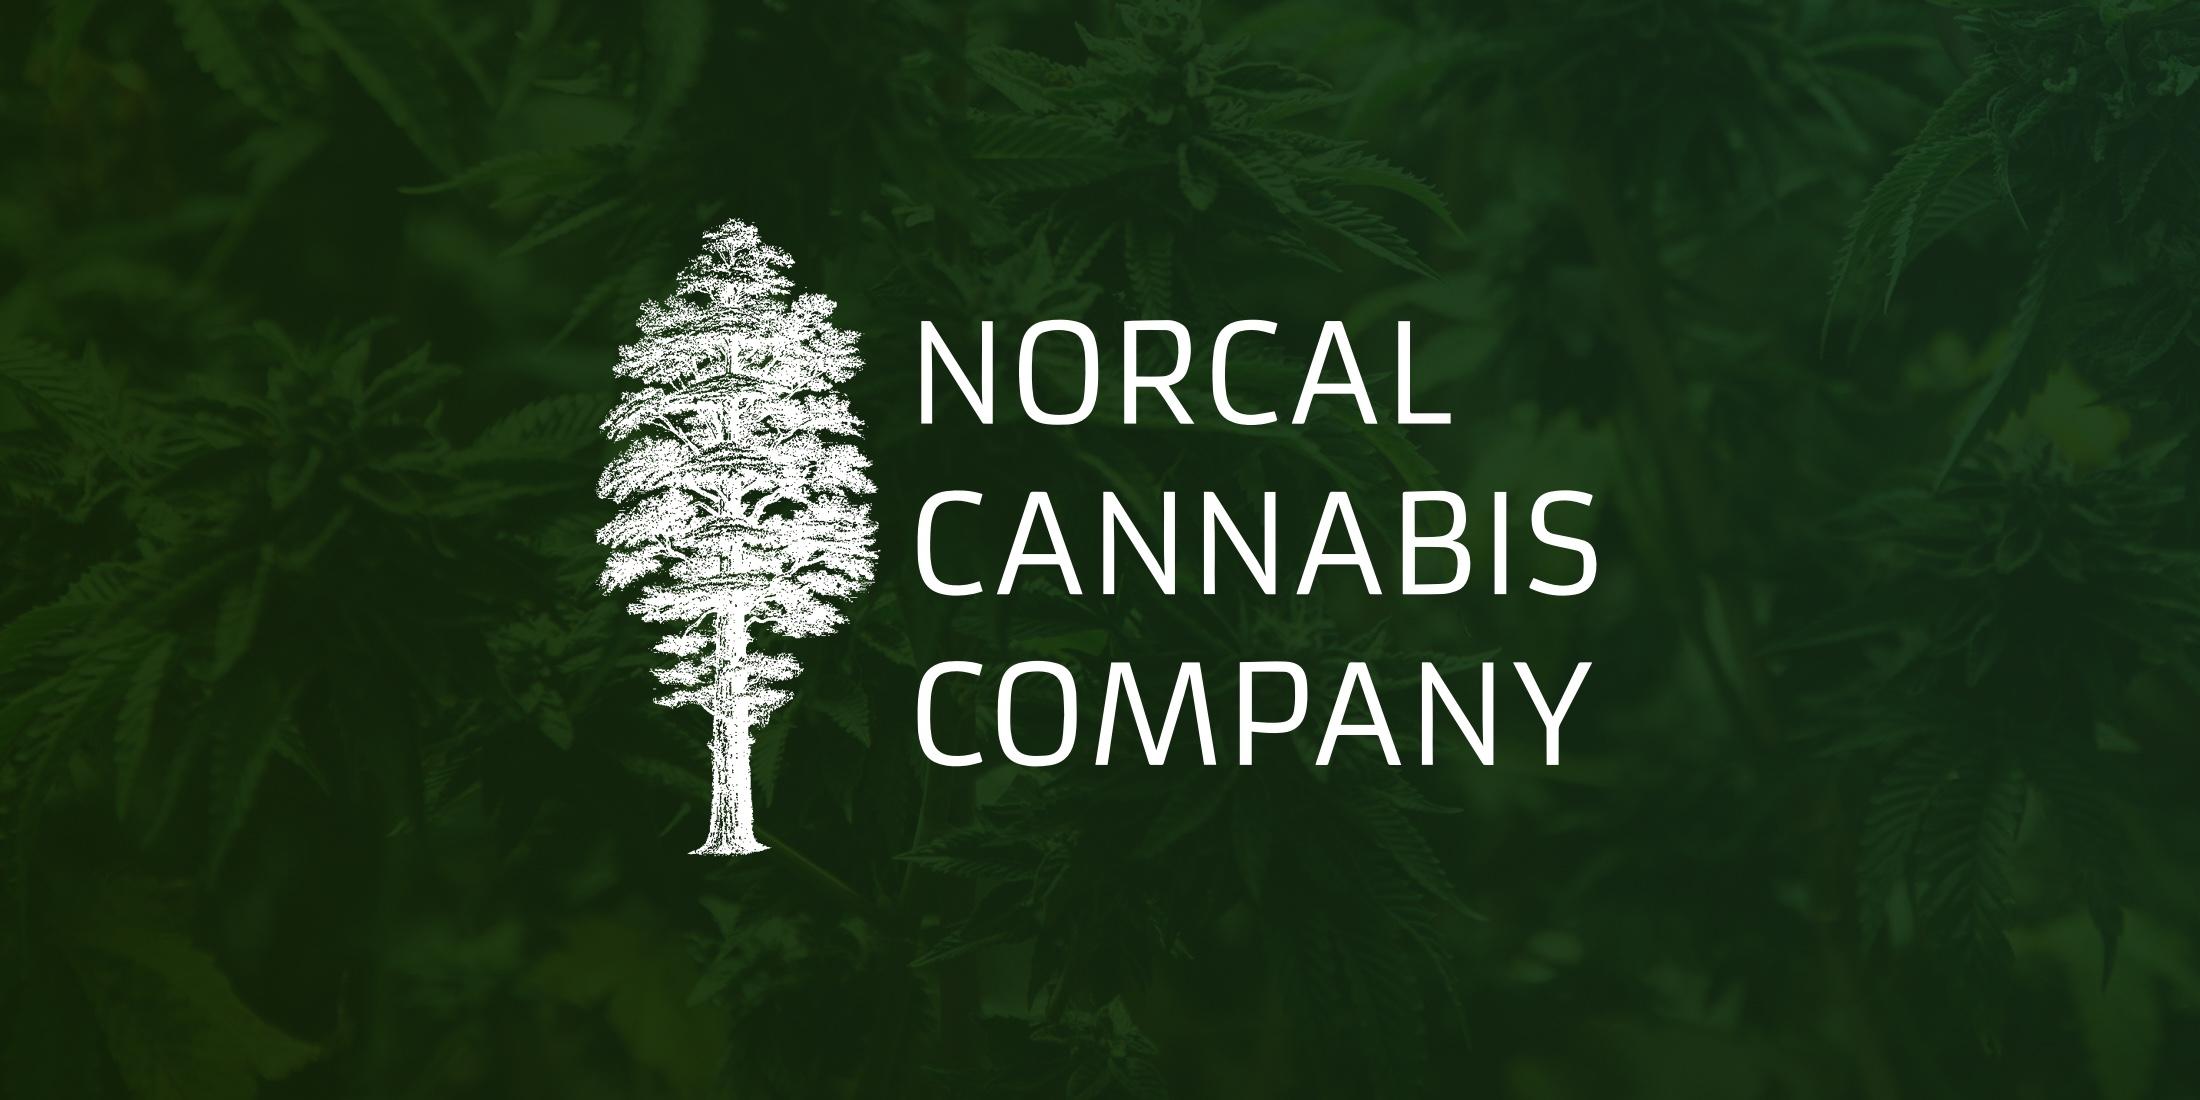 Norcal Cannabis Company